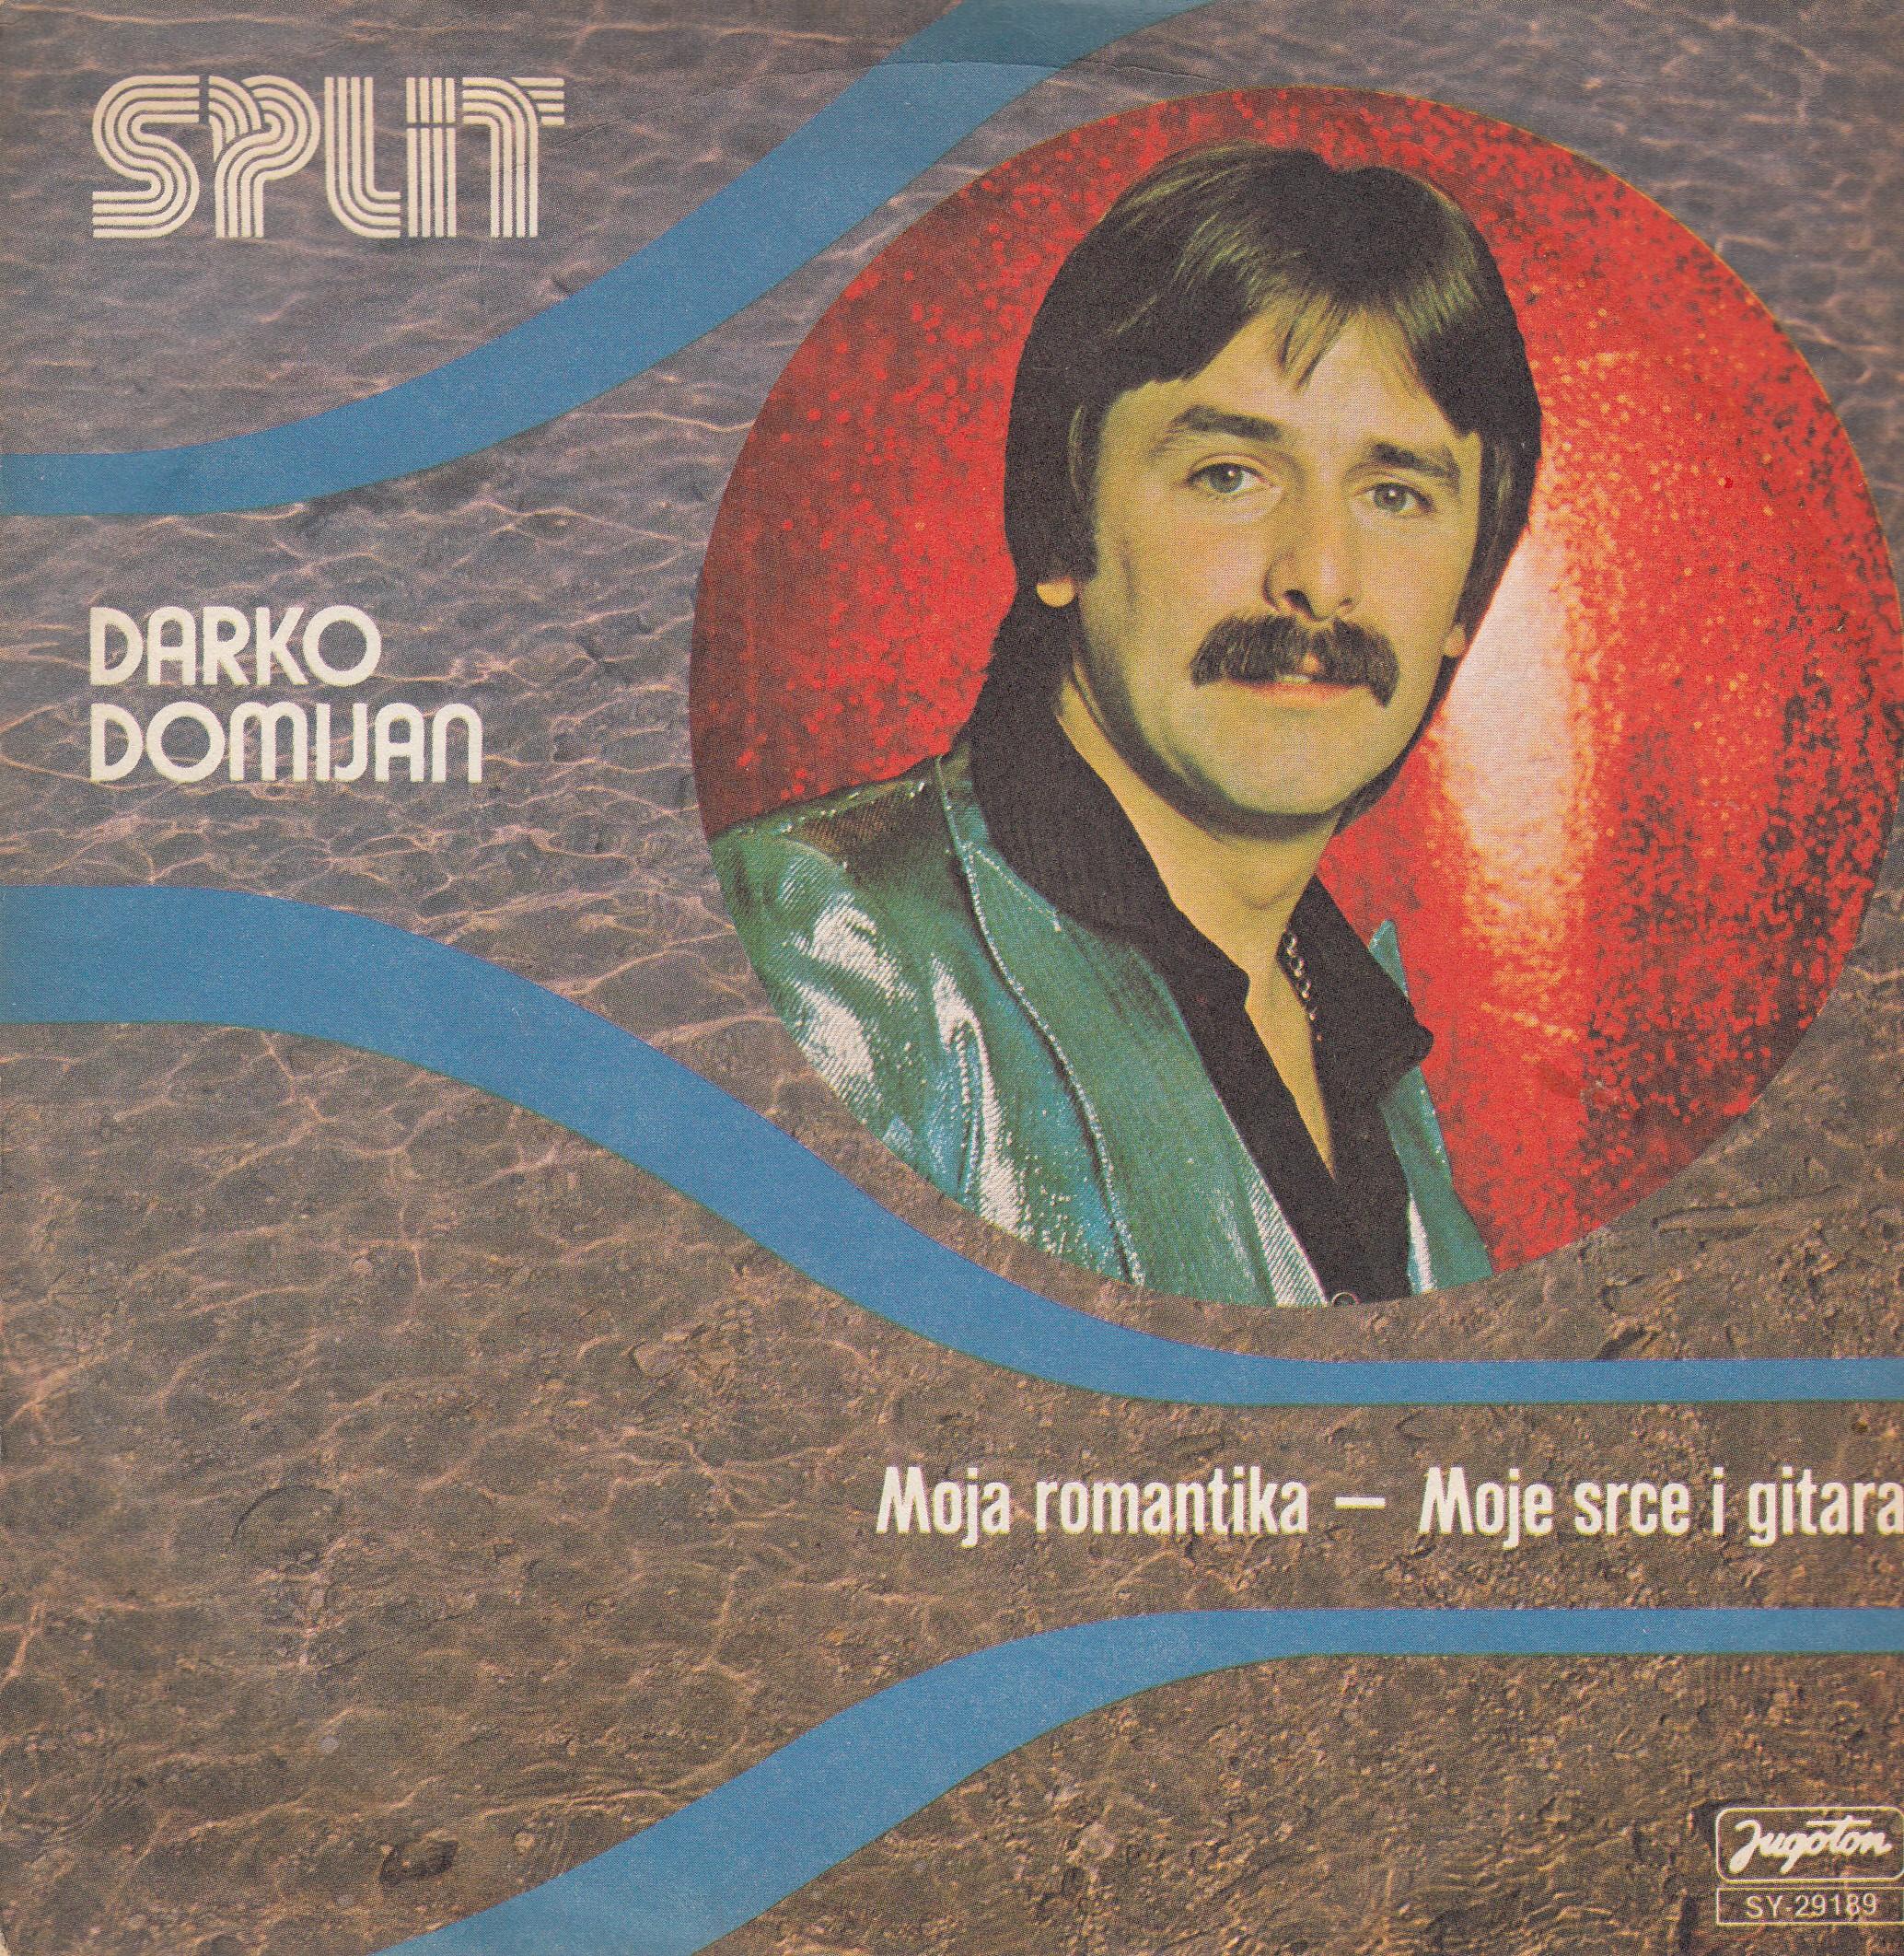 Domijan Darko - Moja Romantika/moje Srce I Gitara